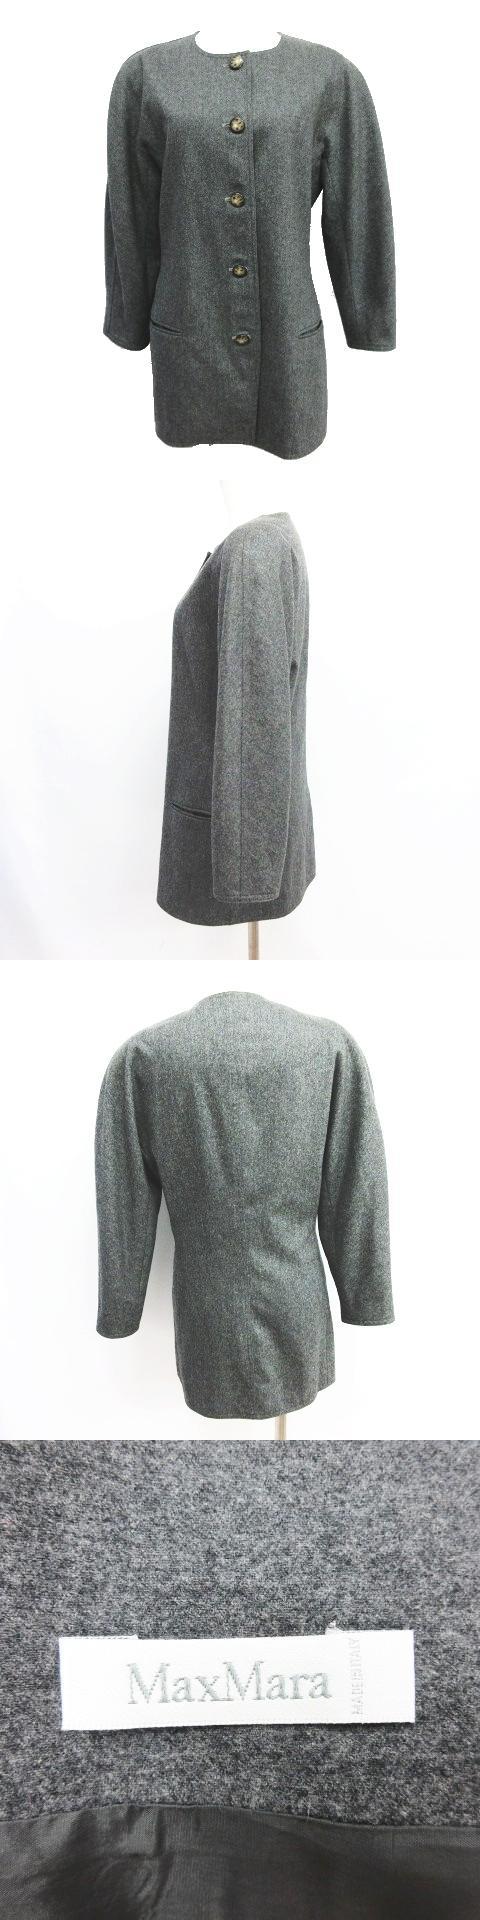 ノーカラー コート ジャケット ウール カシミヤ アウター サイズ42 グレー